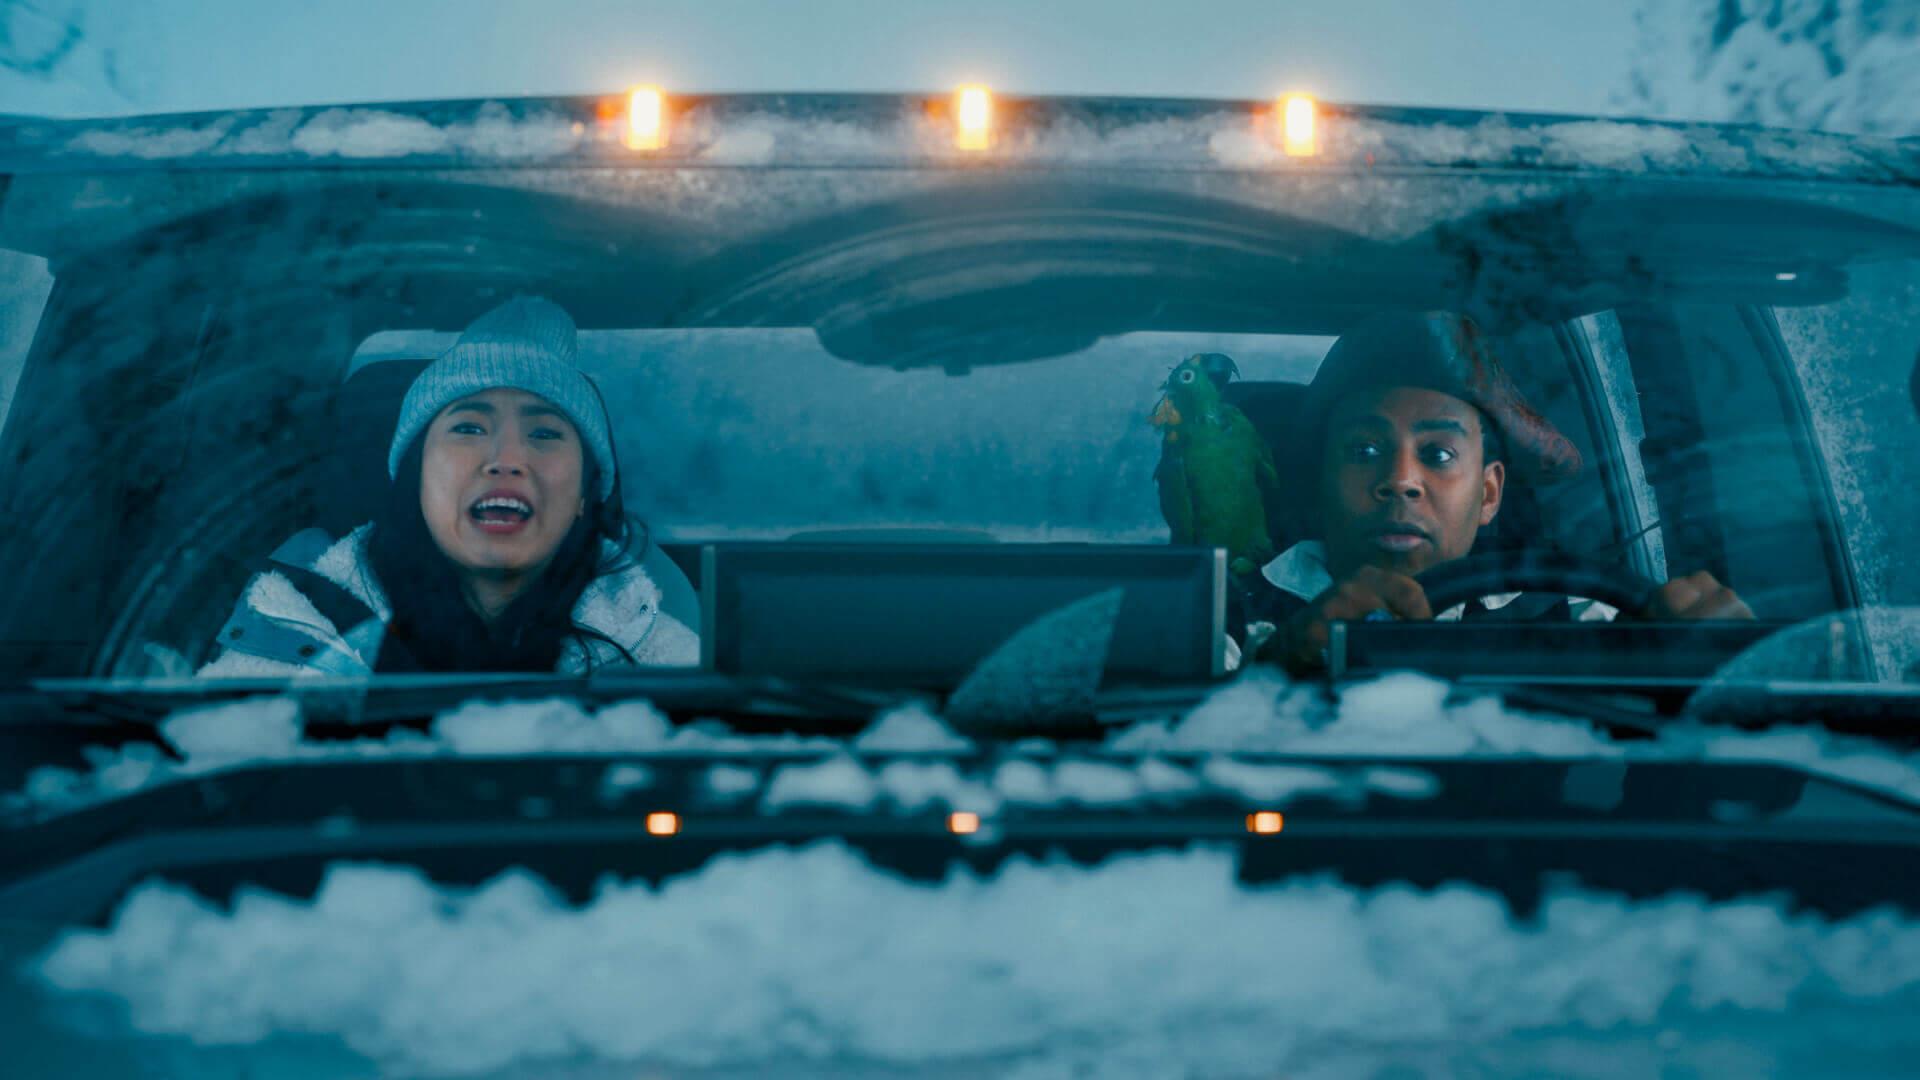 GM вдохновился норвежским успехом электрокаров для своей новой рекламы